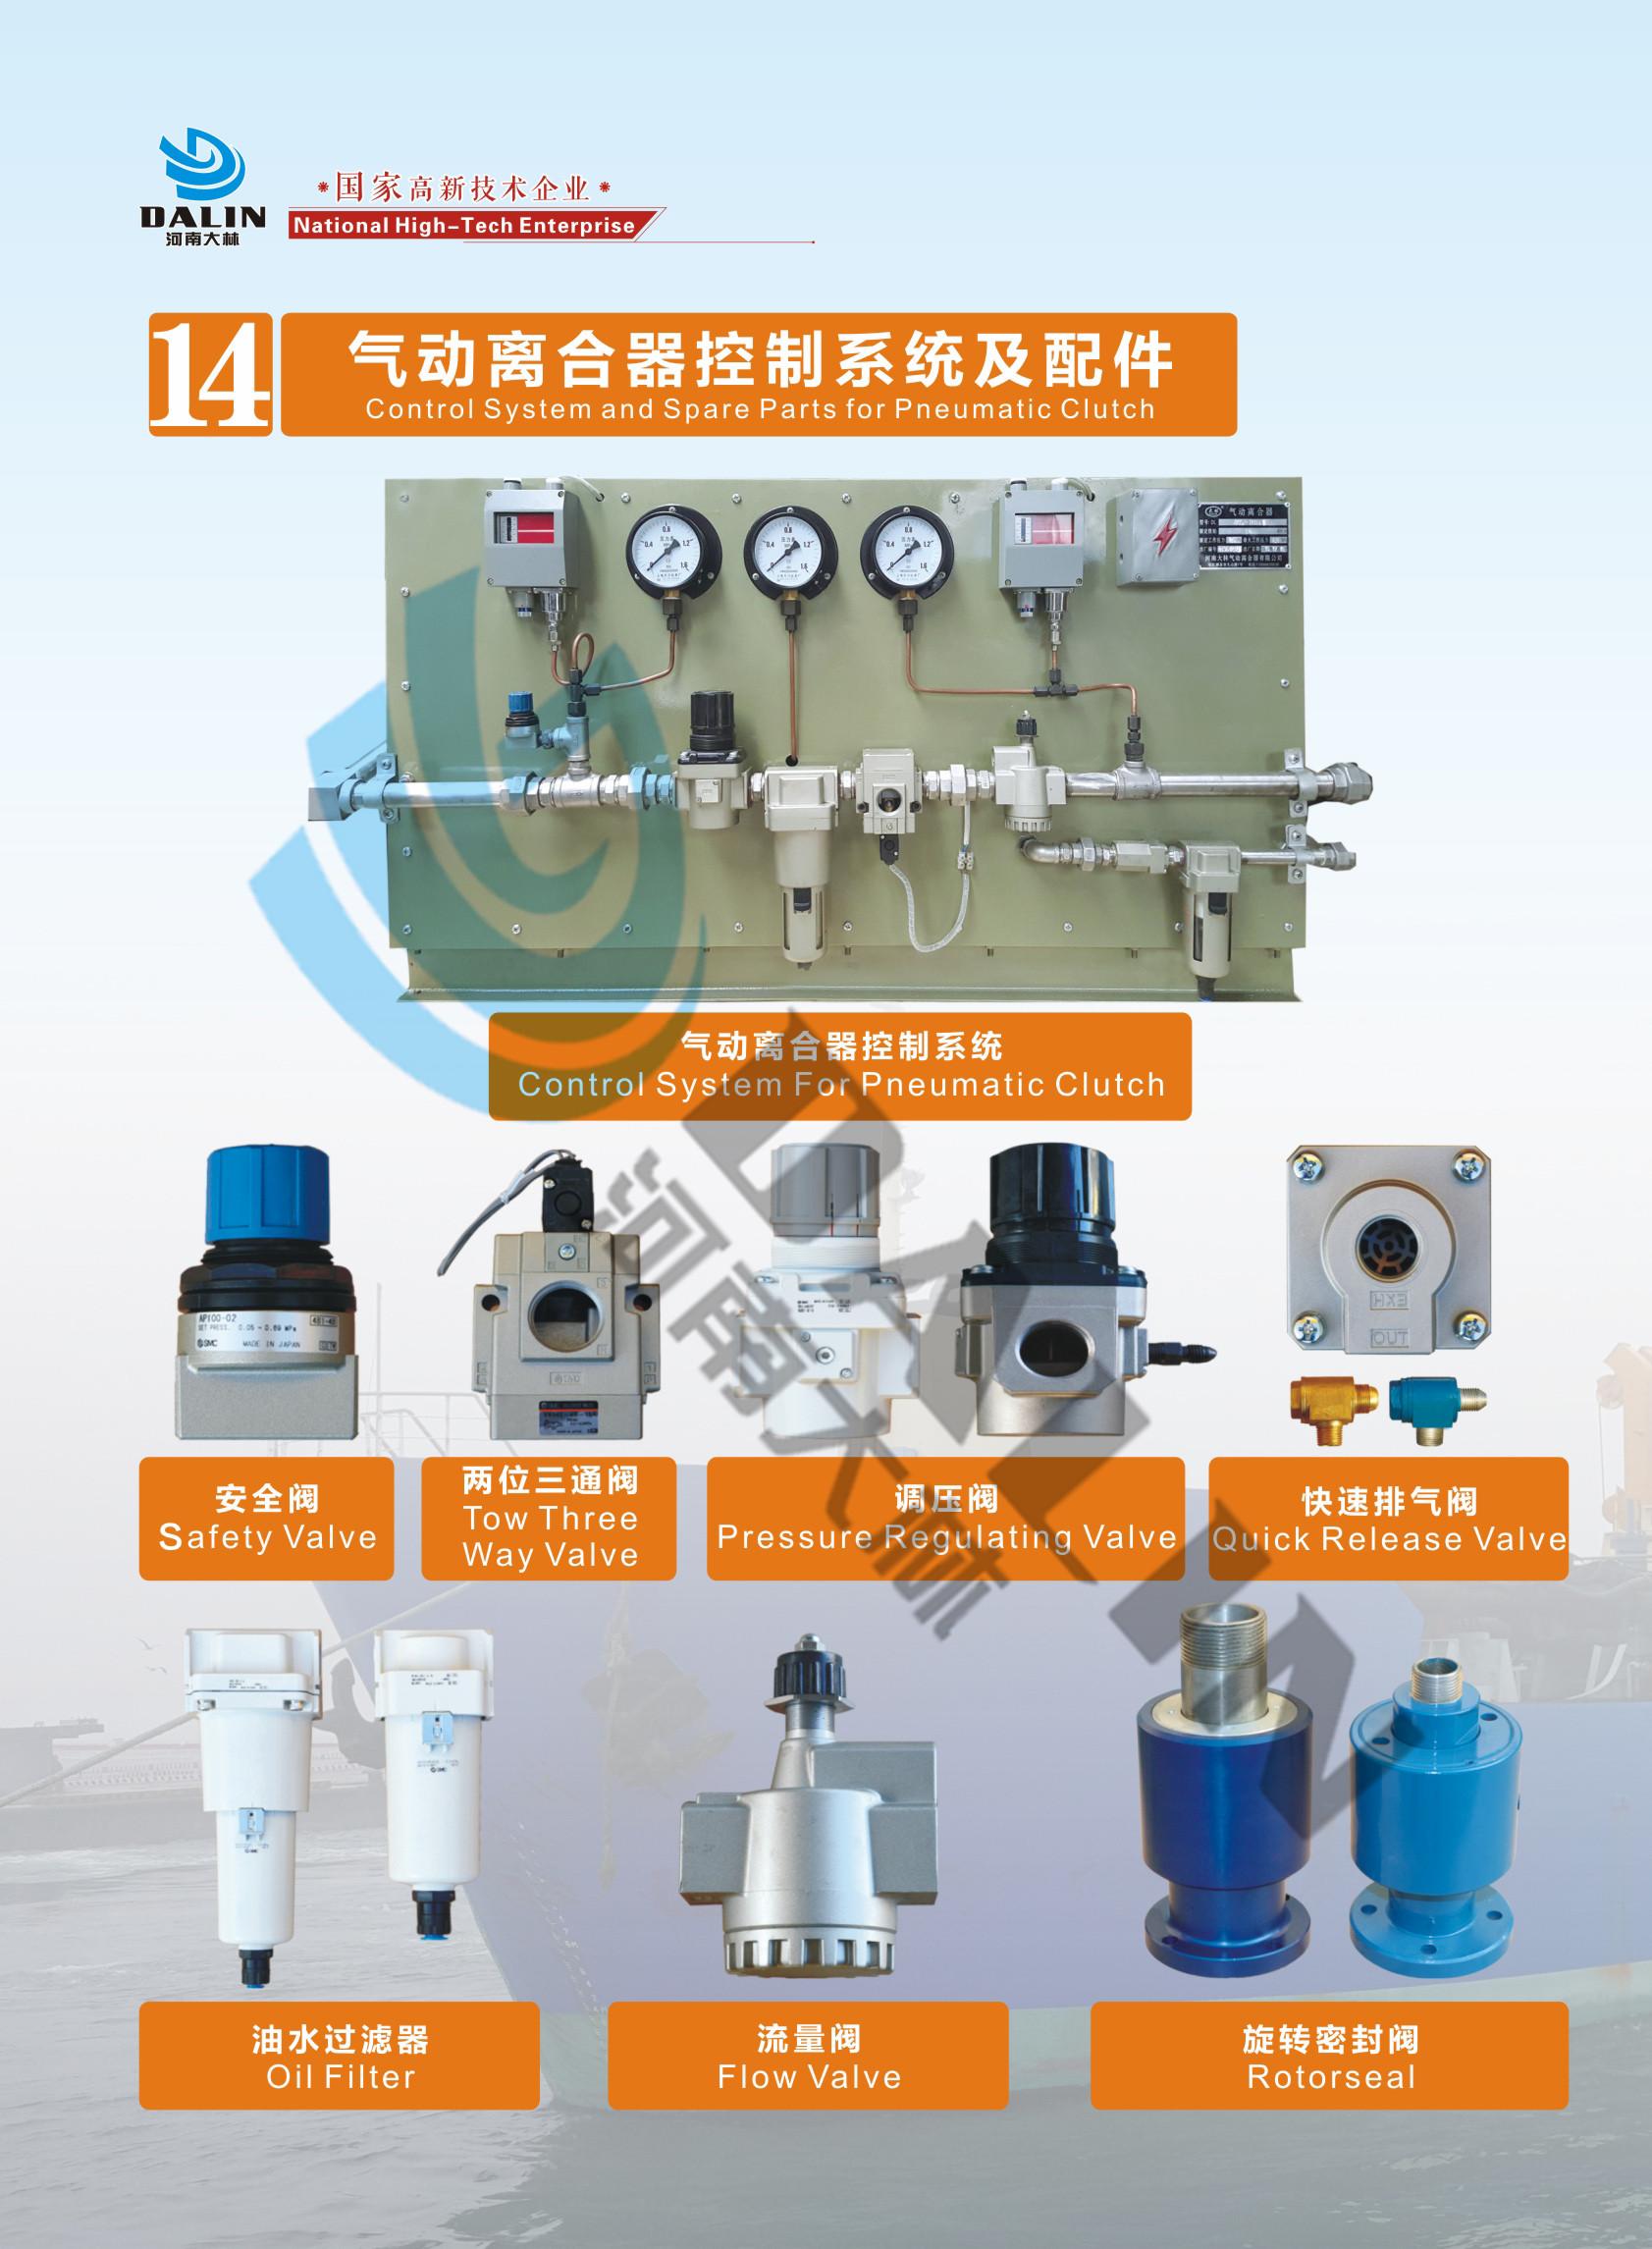 气动离合器控制系统及配件.jpg